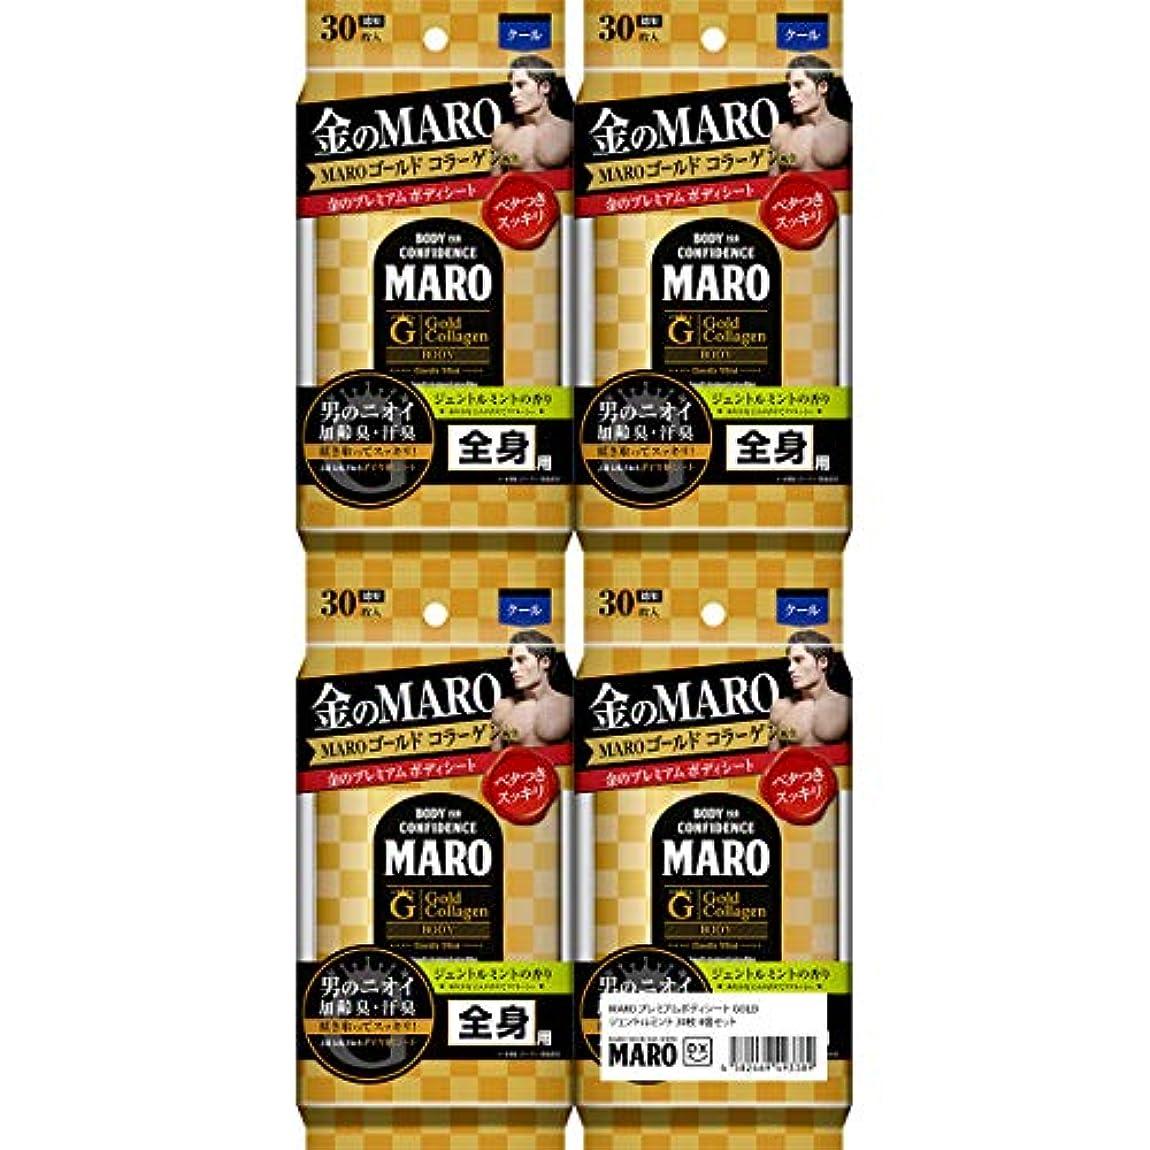 ハントイースターカトリック教徒[Amazon限定ブランド] MARO DX デオドラント ボディシート GOLD ジェントルミントの香り 30枚×4